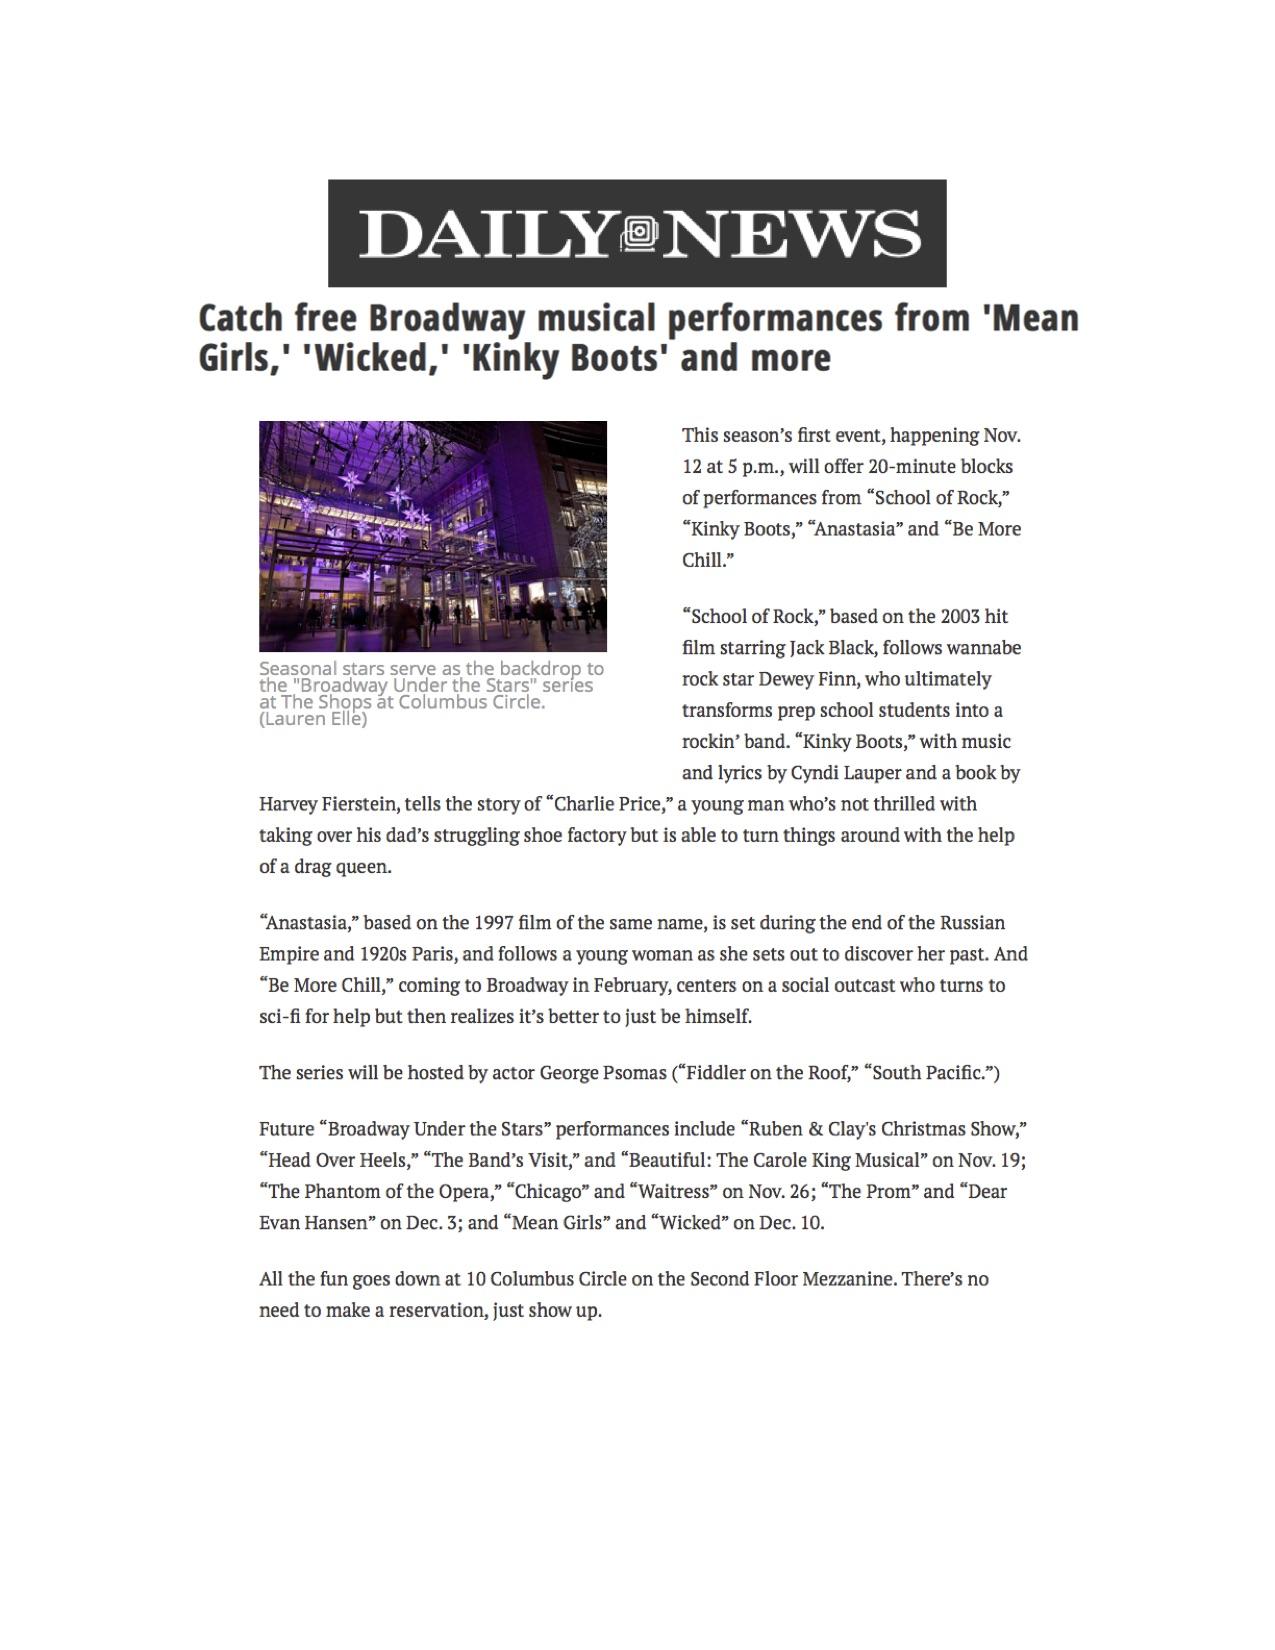 NY Daily News TSCC.jpg